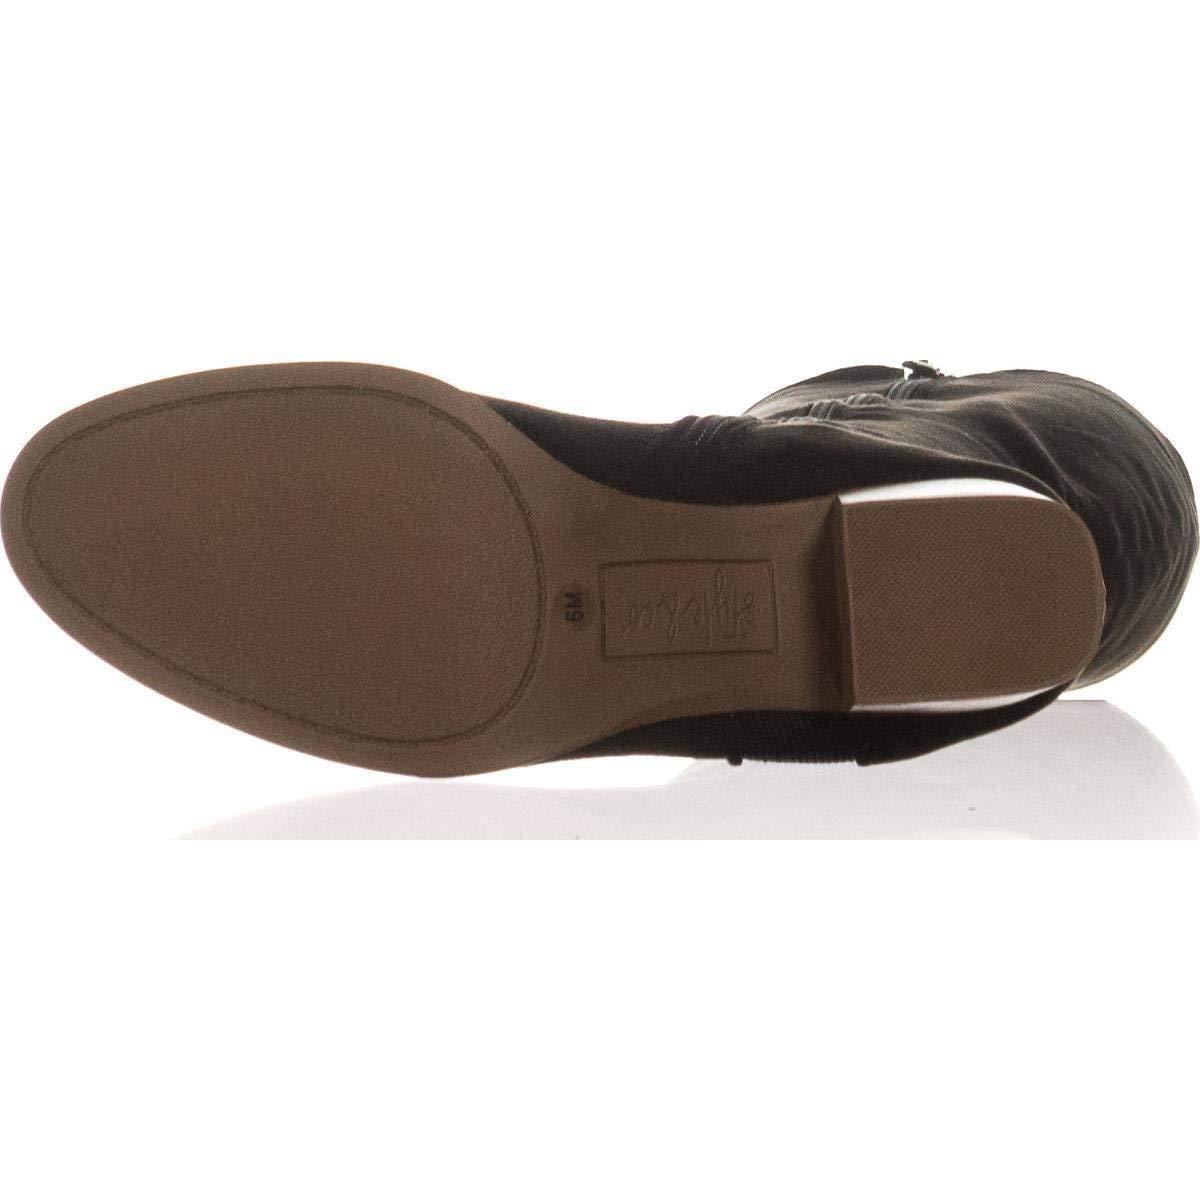 Style & Co. Frauen Finnly Pumps Rund Fashion Stiefel Stiefel Stiefel b8c084